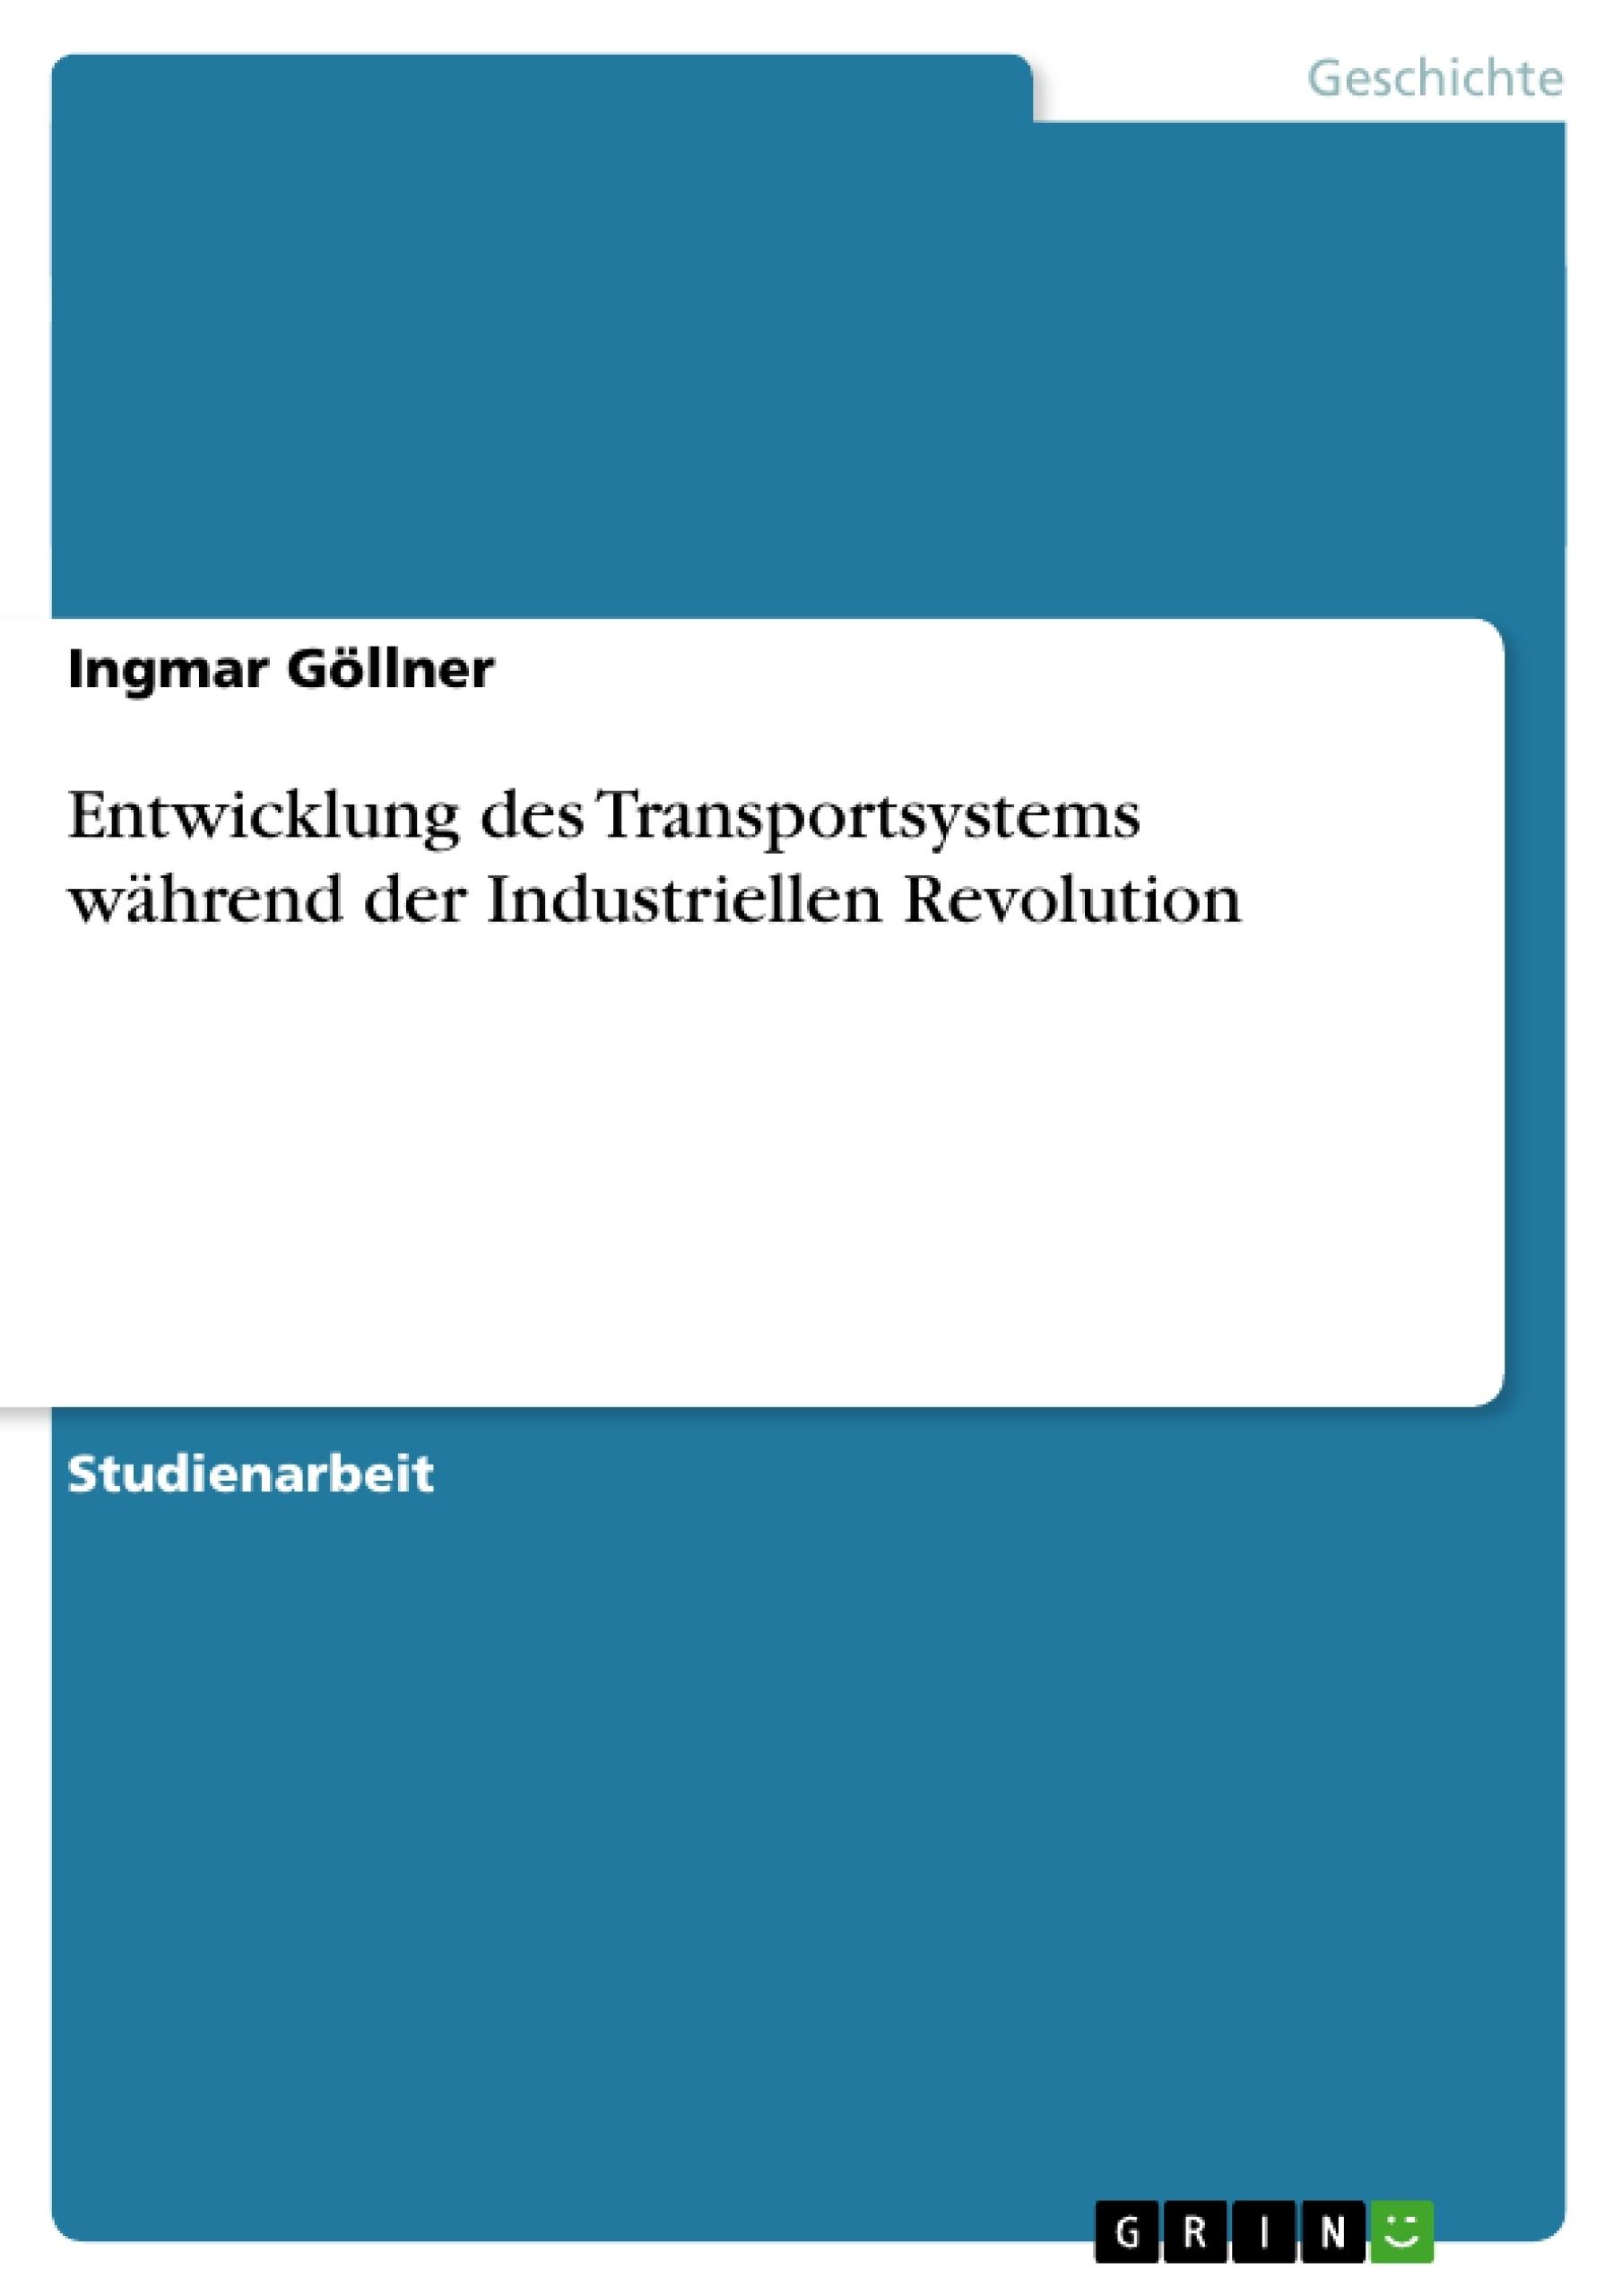 Titel: Entwicklung des Transportsystems während der Industriellen Revolution